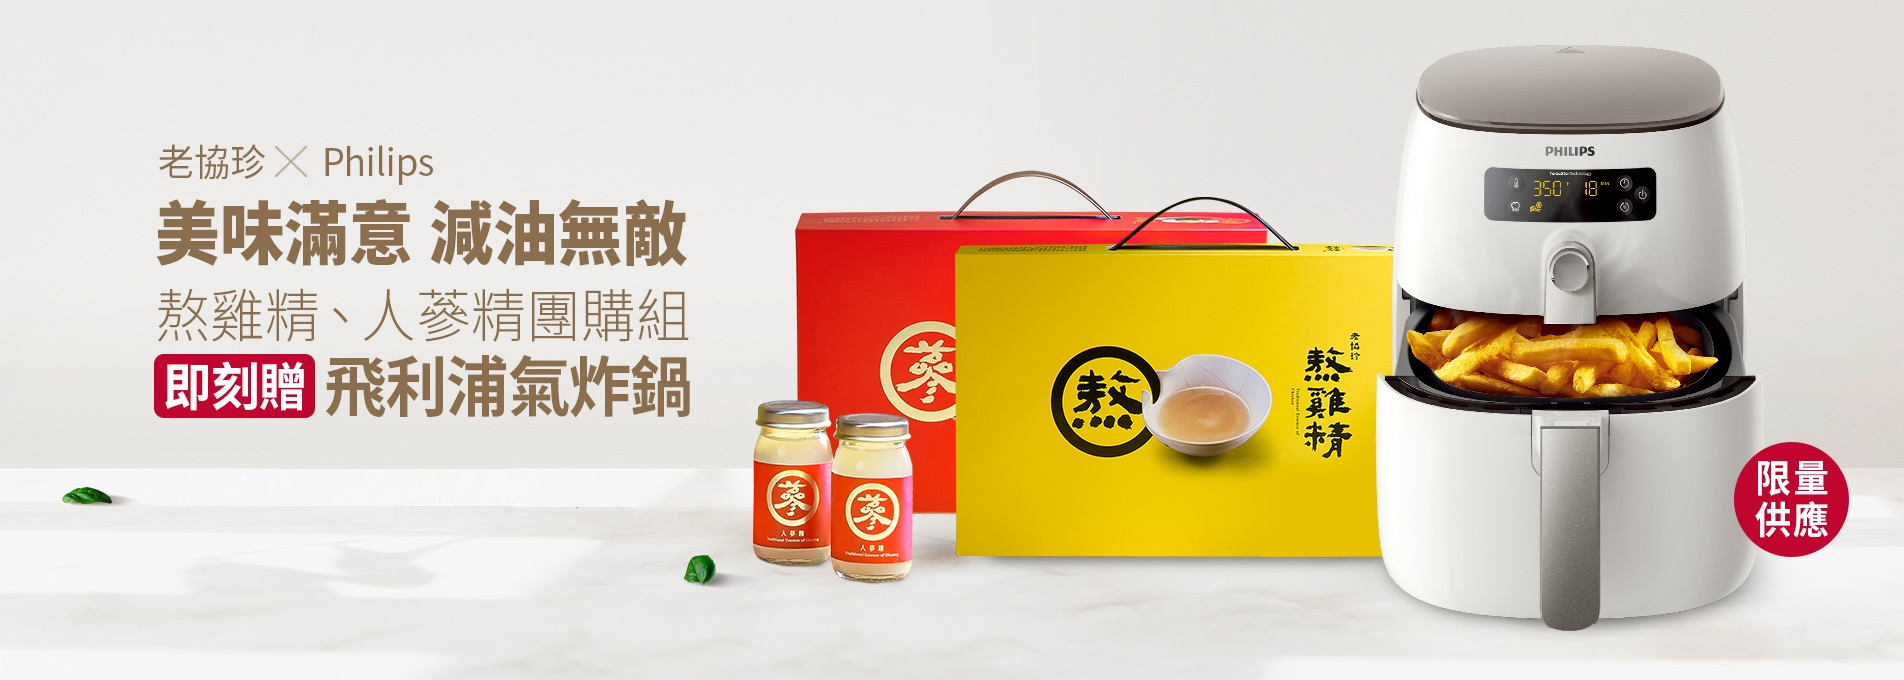 熬雞精禮盒(常溫/14入)10盒